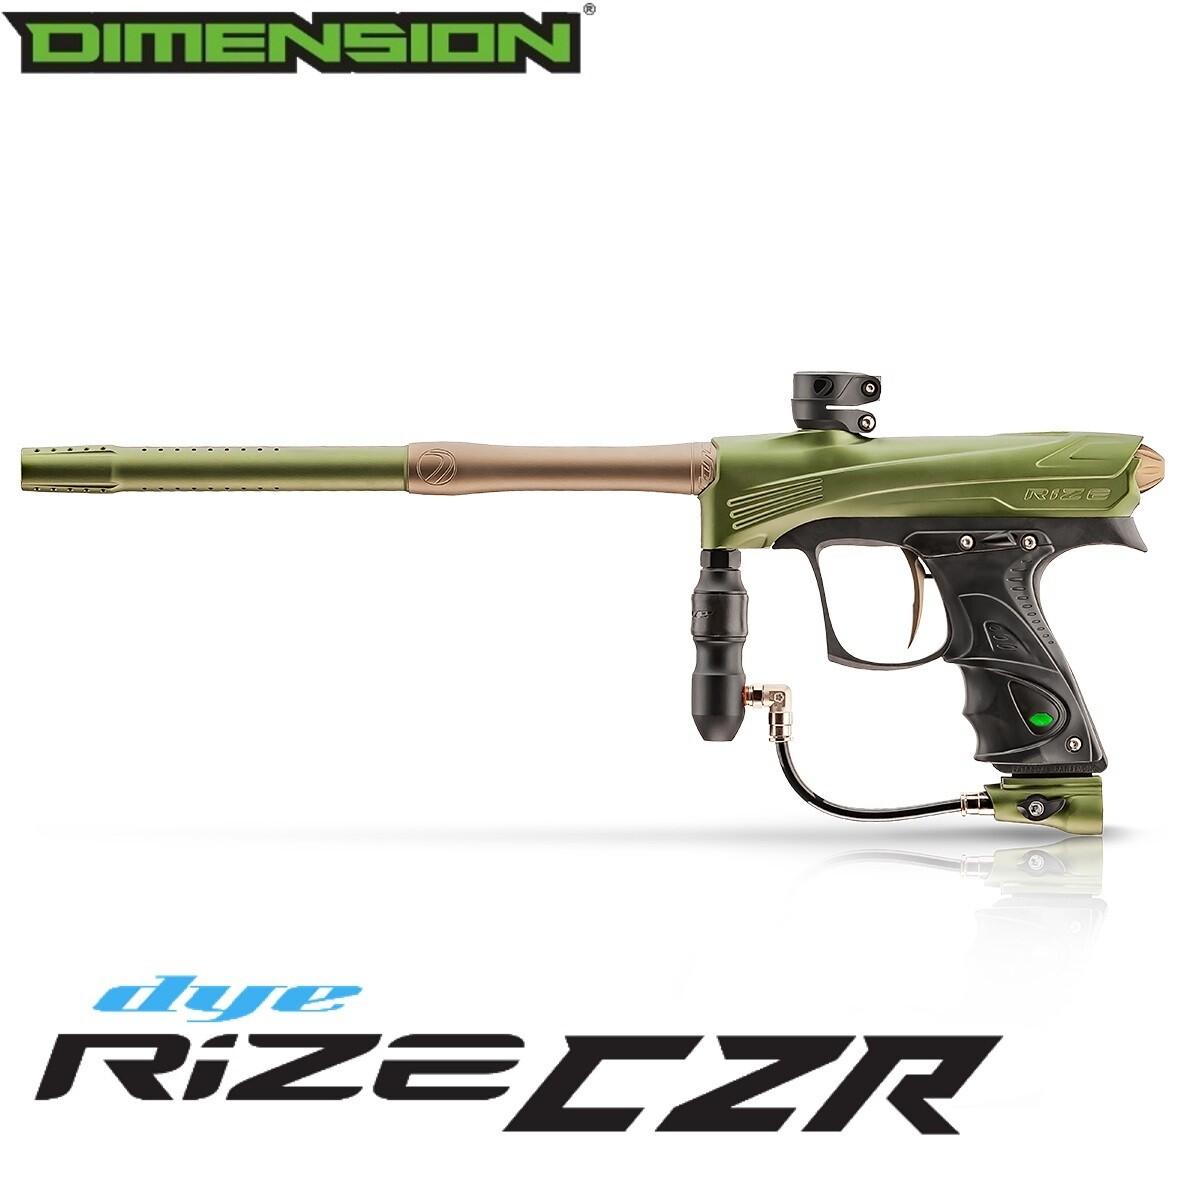 Dye Rize CZR Marker - Olive/Tan Dust